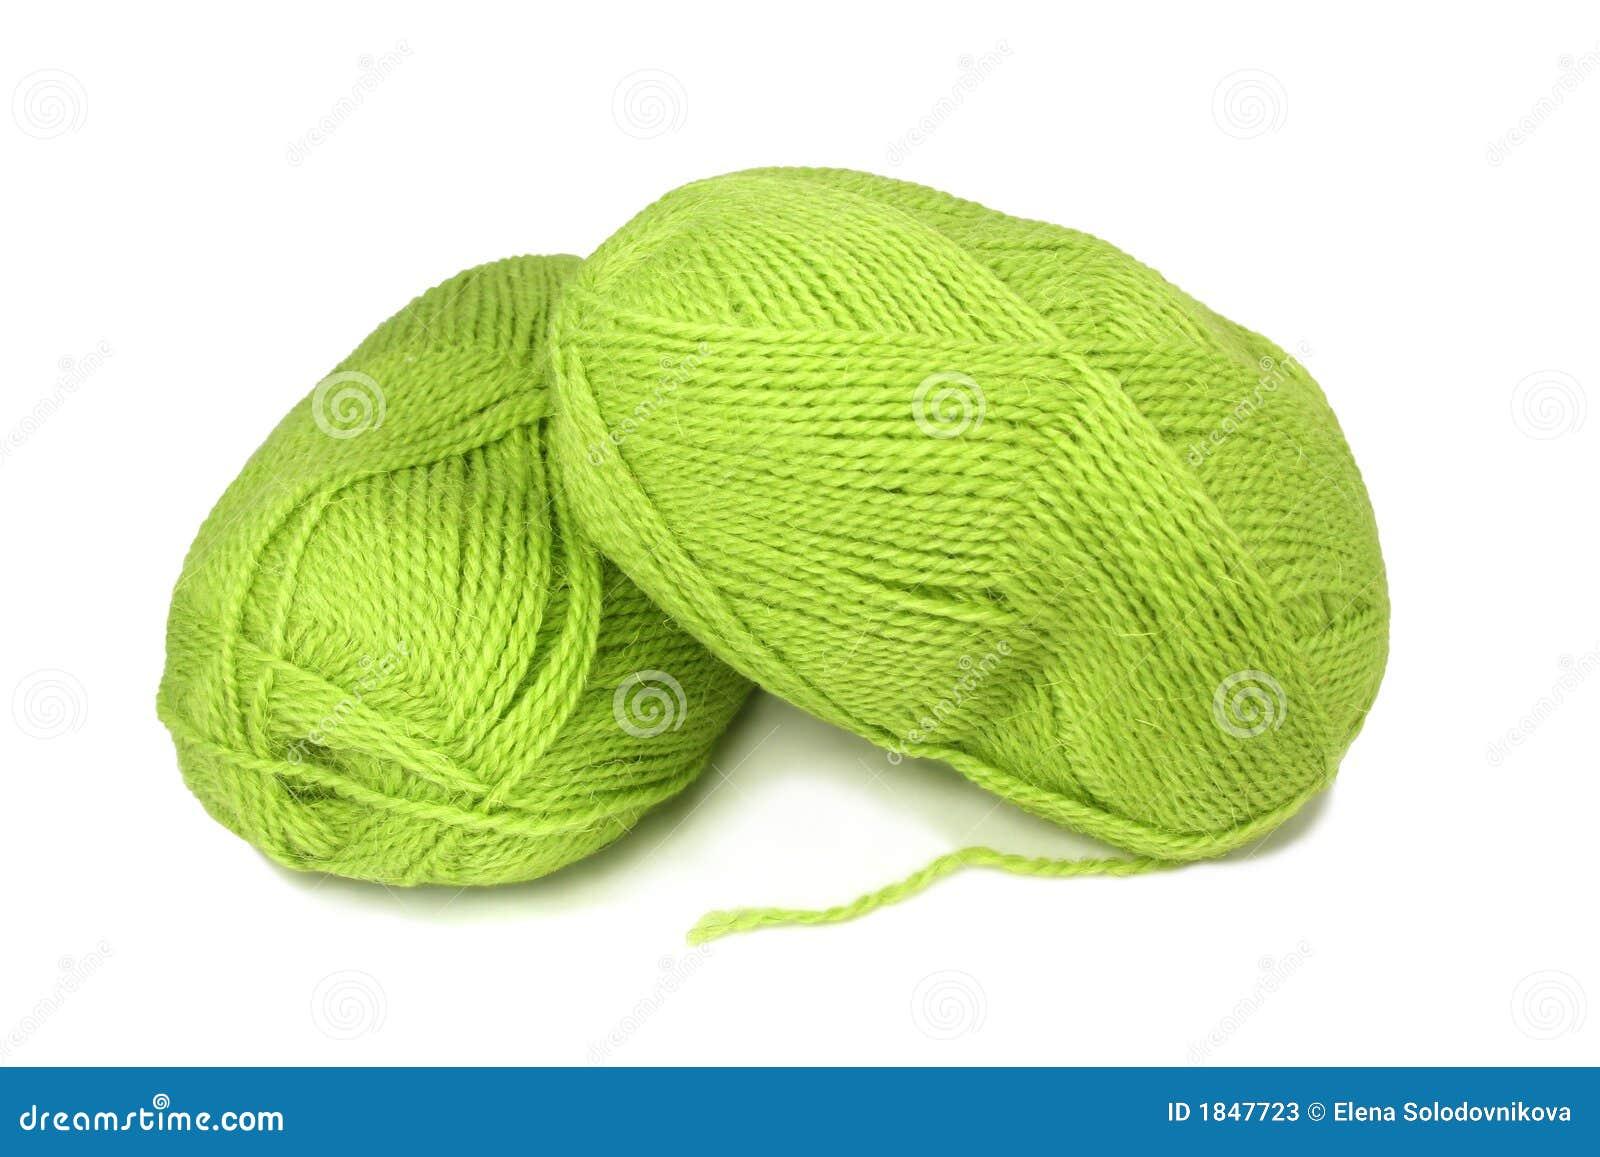 Зеленые нитки вязание